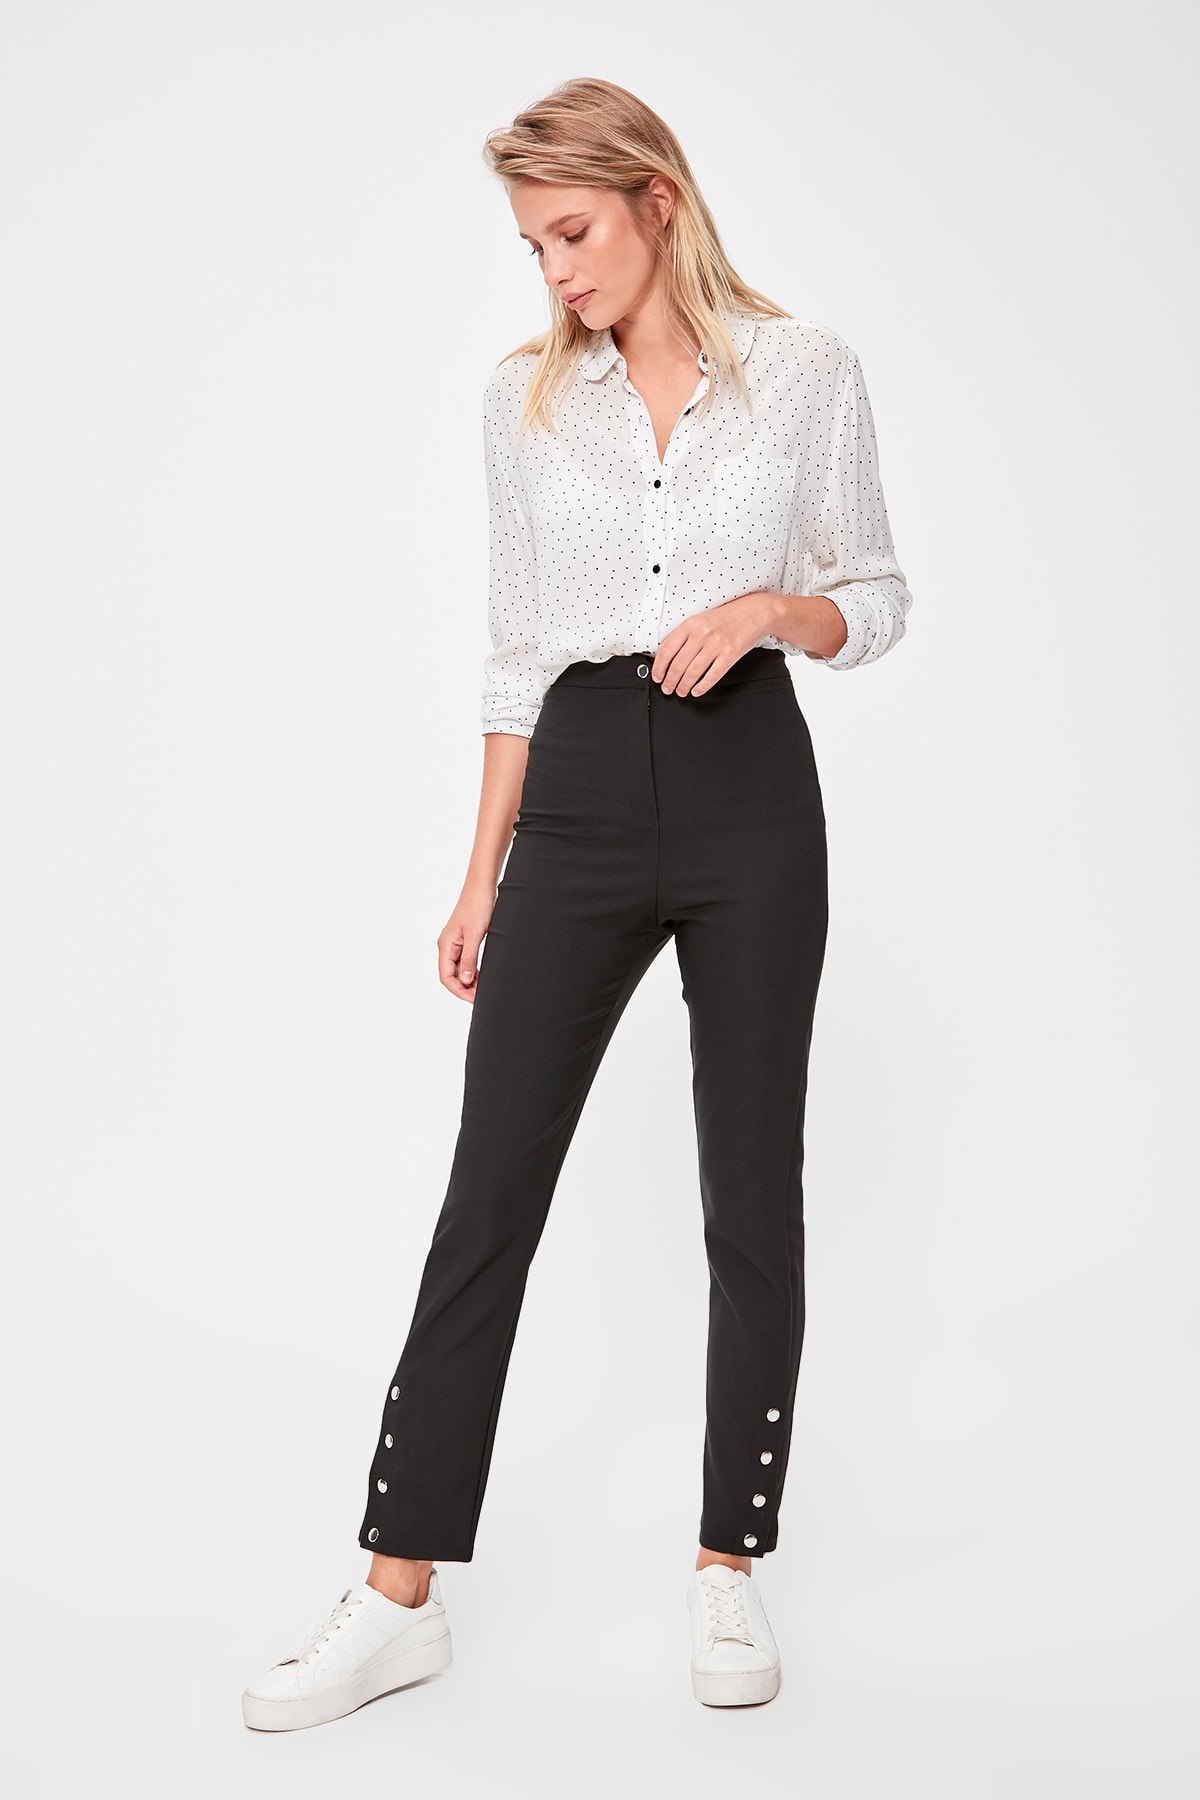 Trendyol Button Detail Pants TWOAW20PL0499